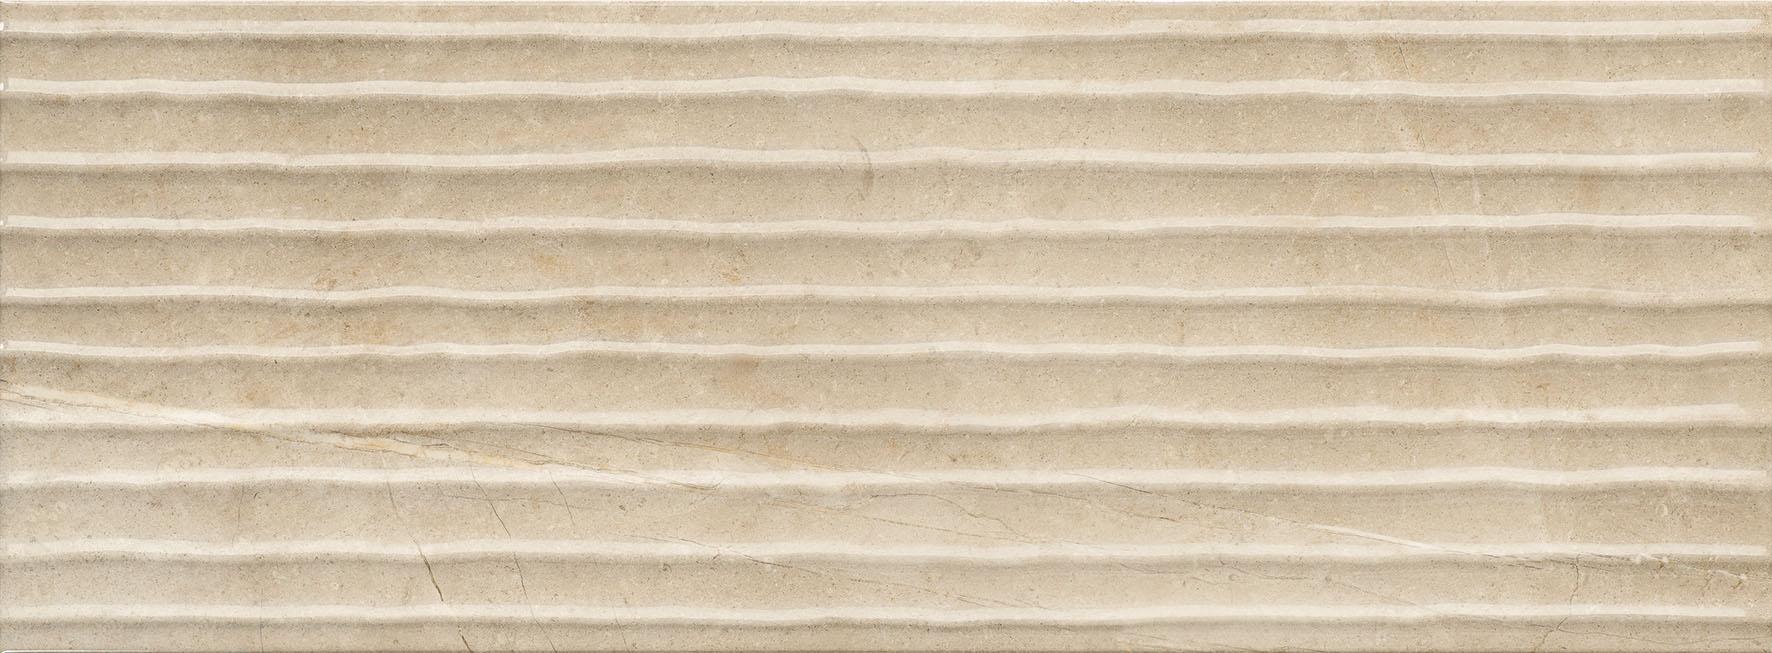 Peronda płytki na ściane 30x90 płytki bezowy marmur płytki dekoracyjne do łazienki kuchni salonu wysoki połysk rektyfikowane